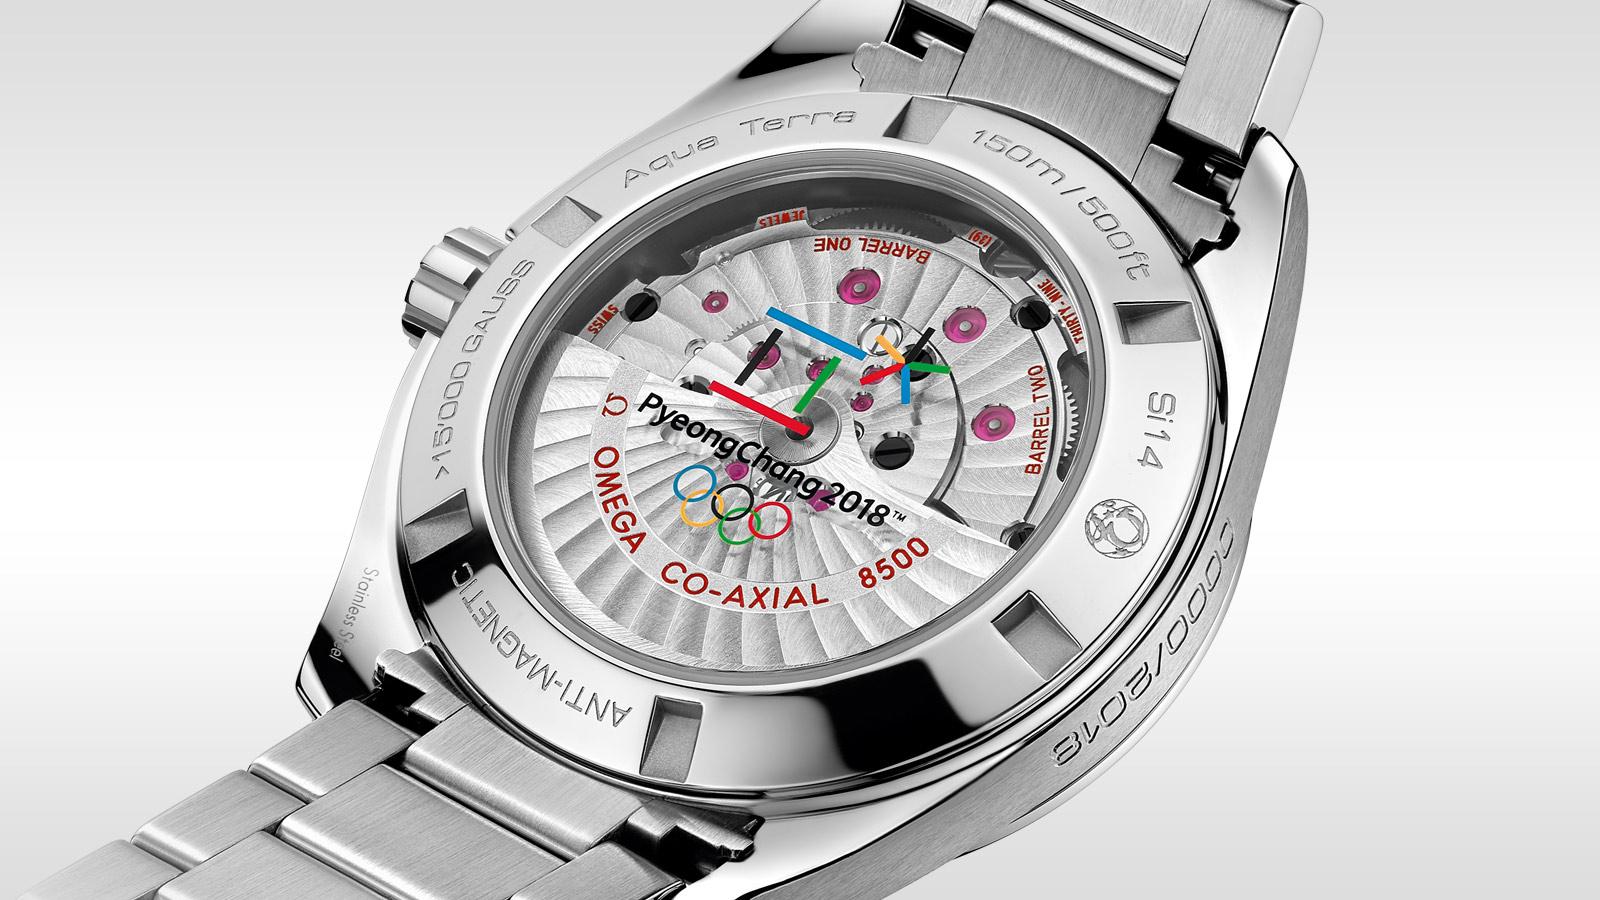 特别系列 奥林匹克系列腕表 奥林匹克系列腕表 - 522.10.42.21.03.001 - 查看 1